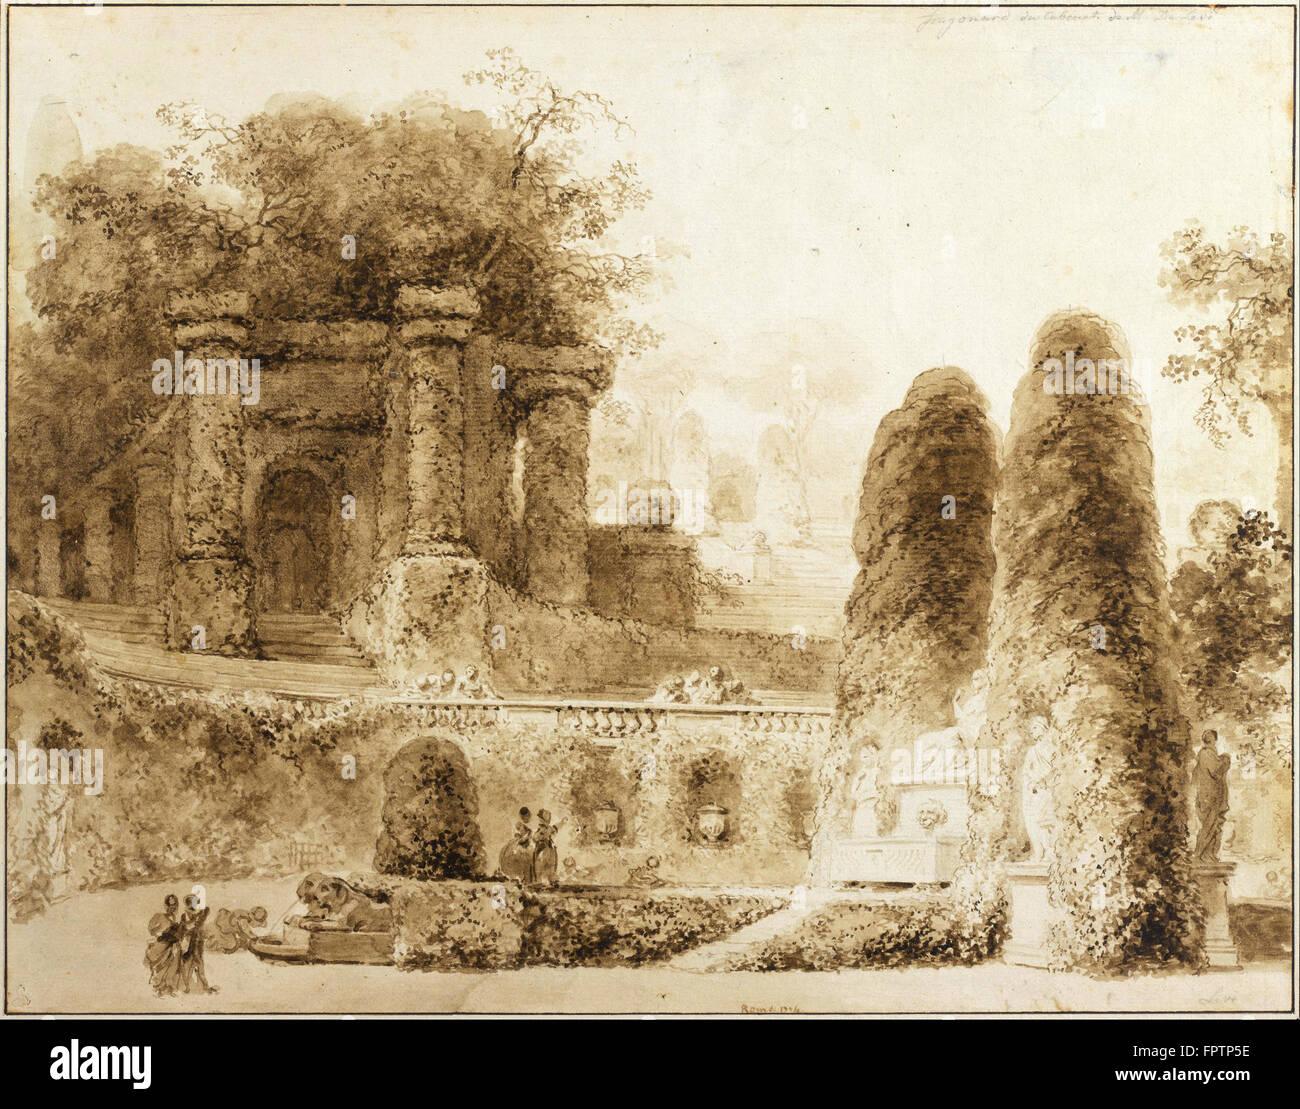 Jean Honoré Fragonard - parc avec fontaine romaine - 1774 Photo Stock